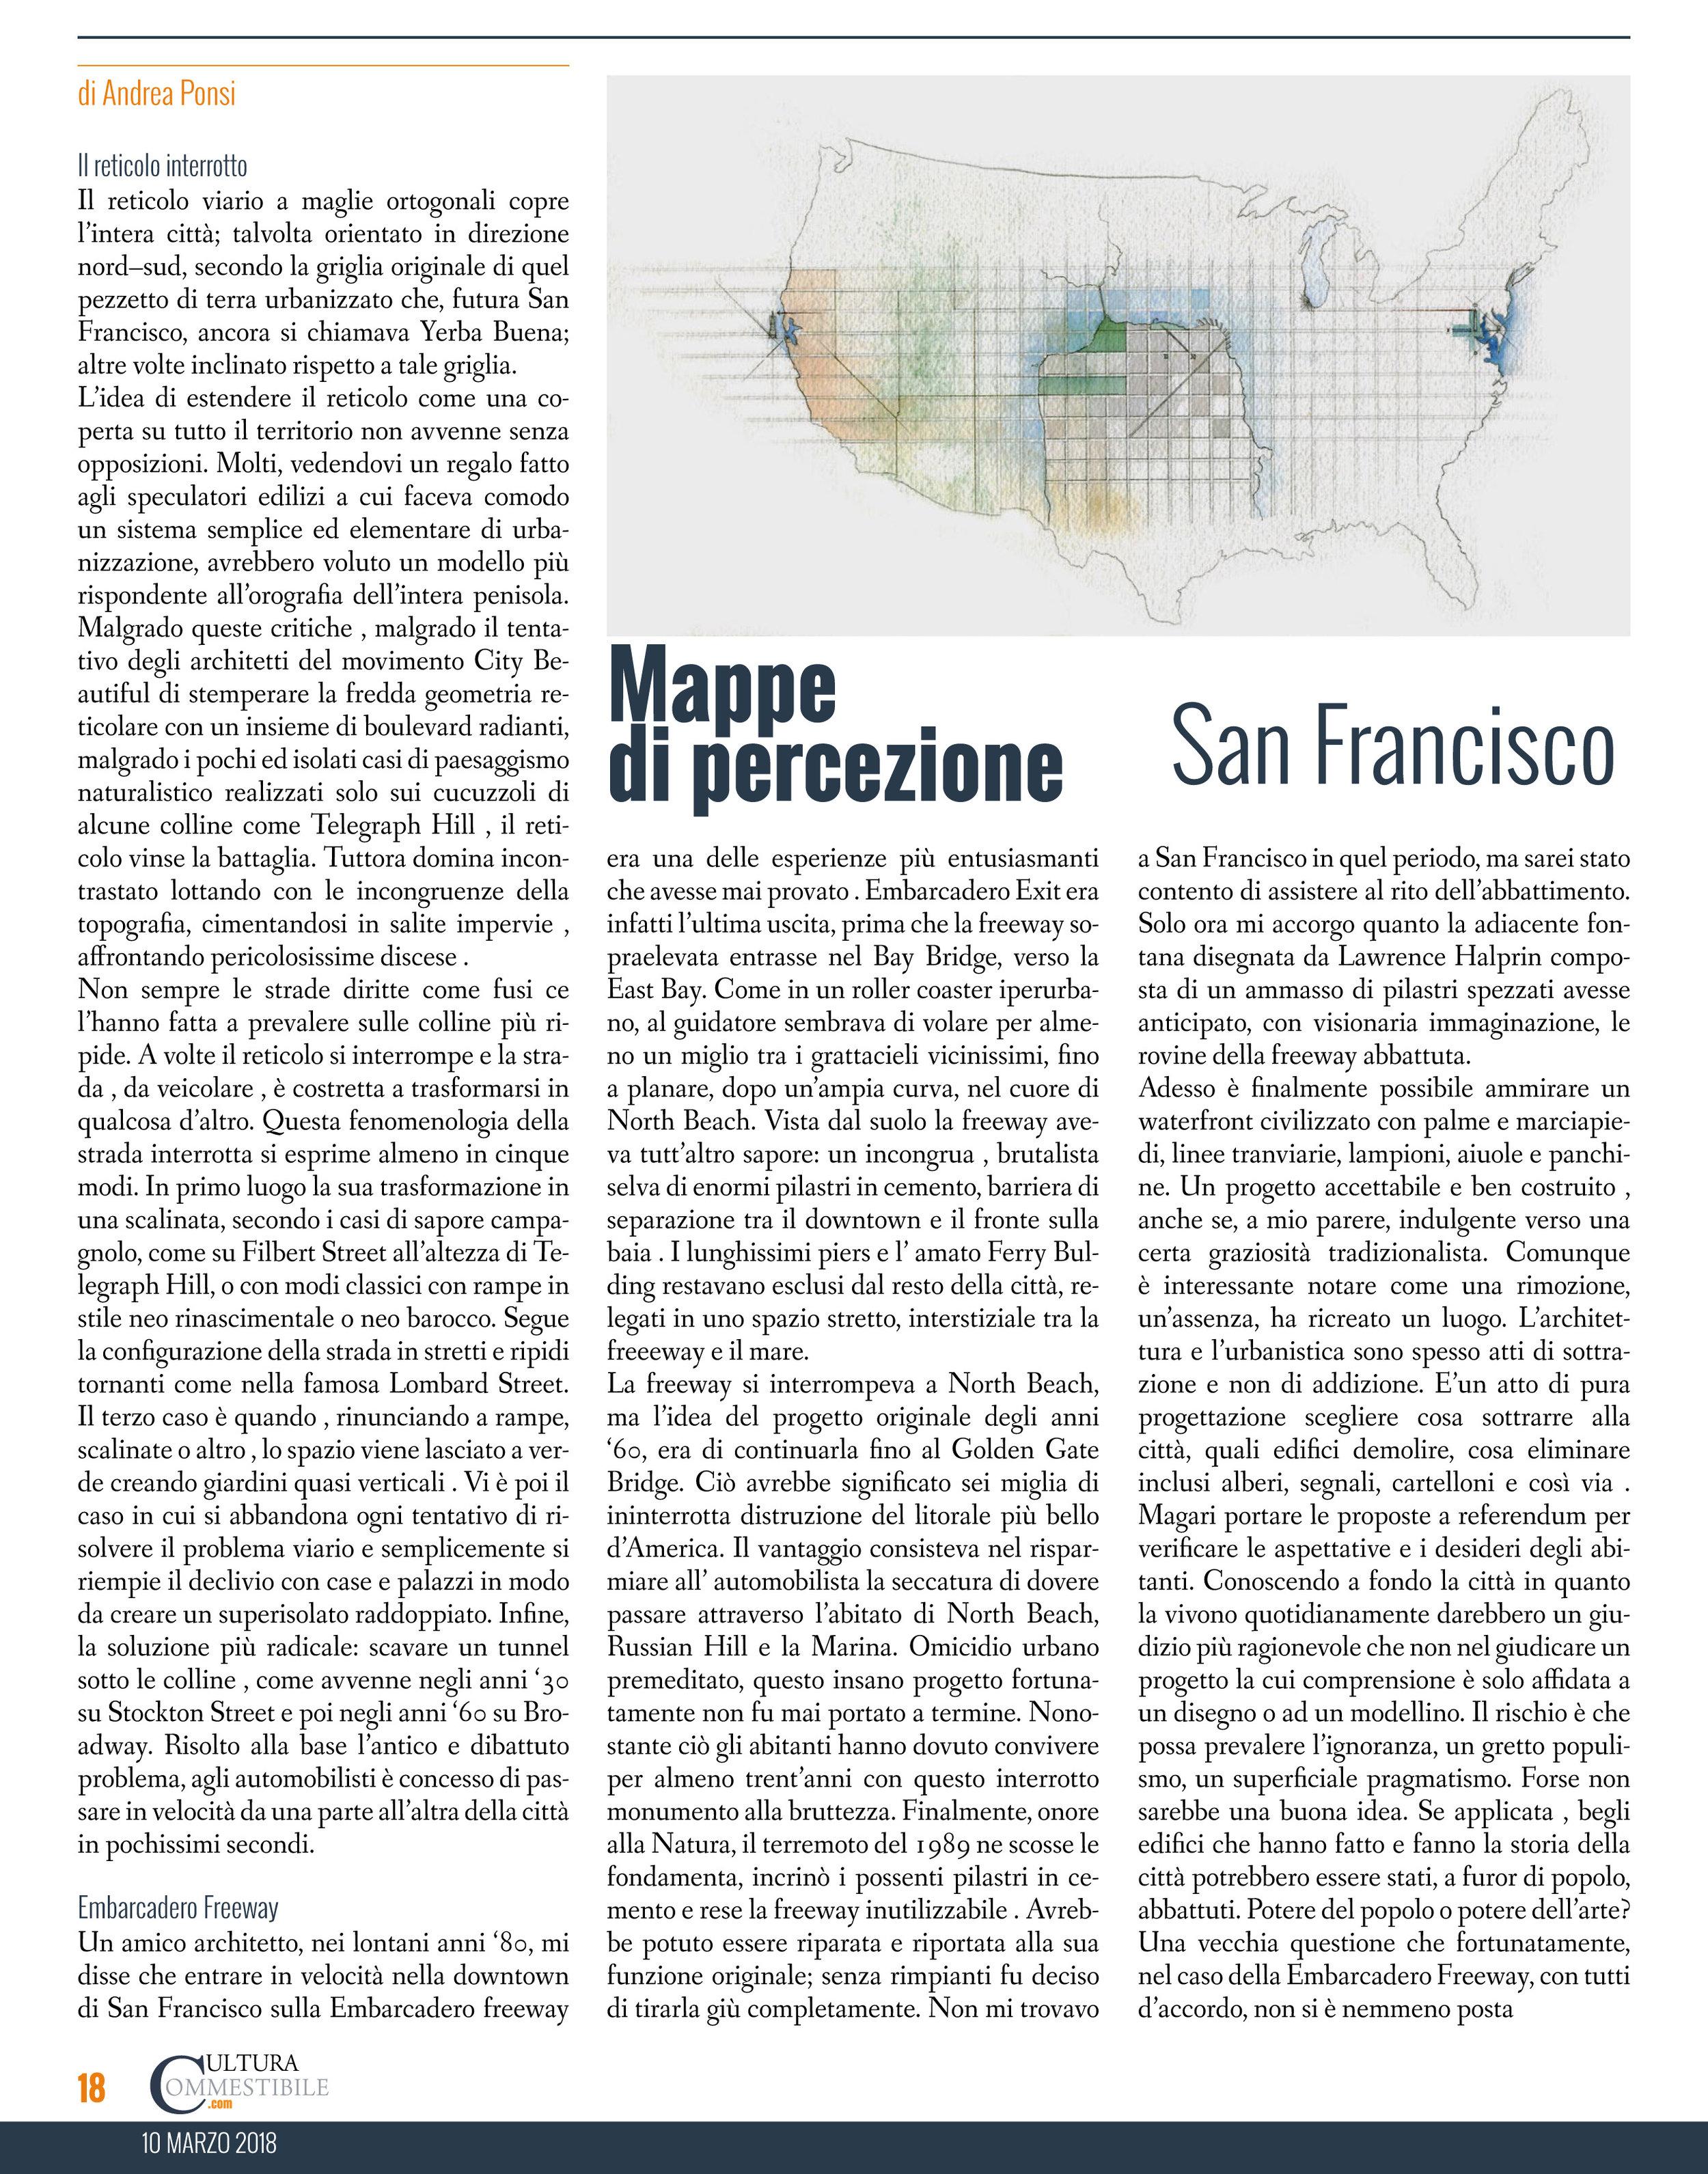 Cultura-Commestibile-253-18.jpg